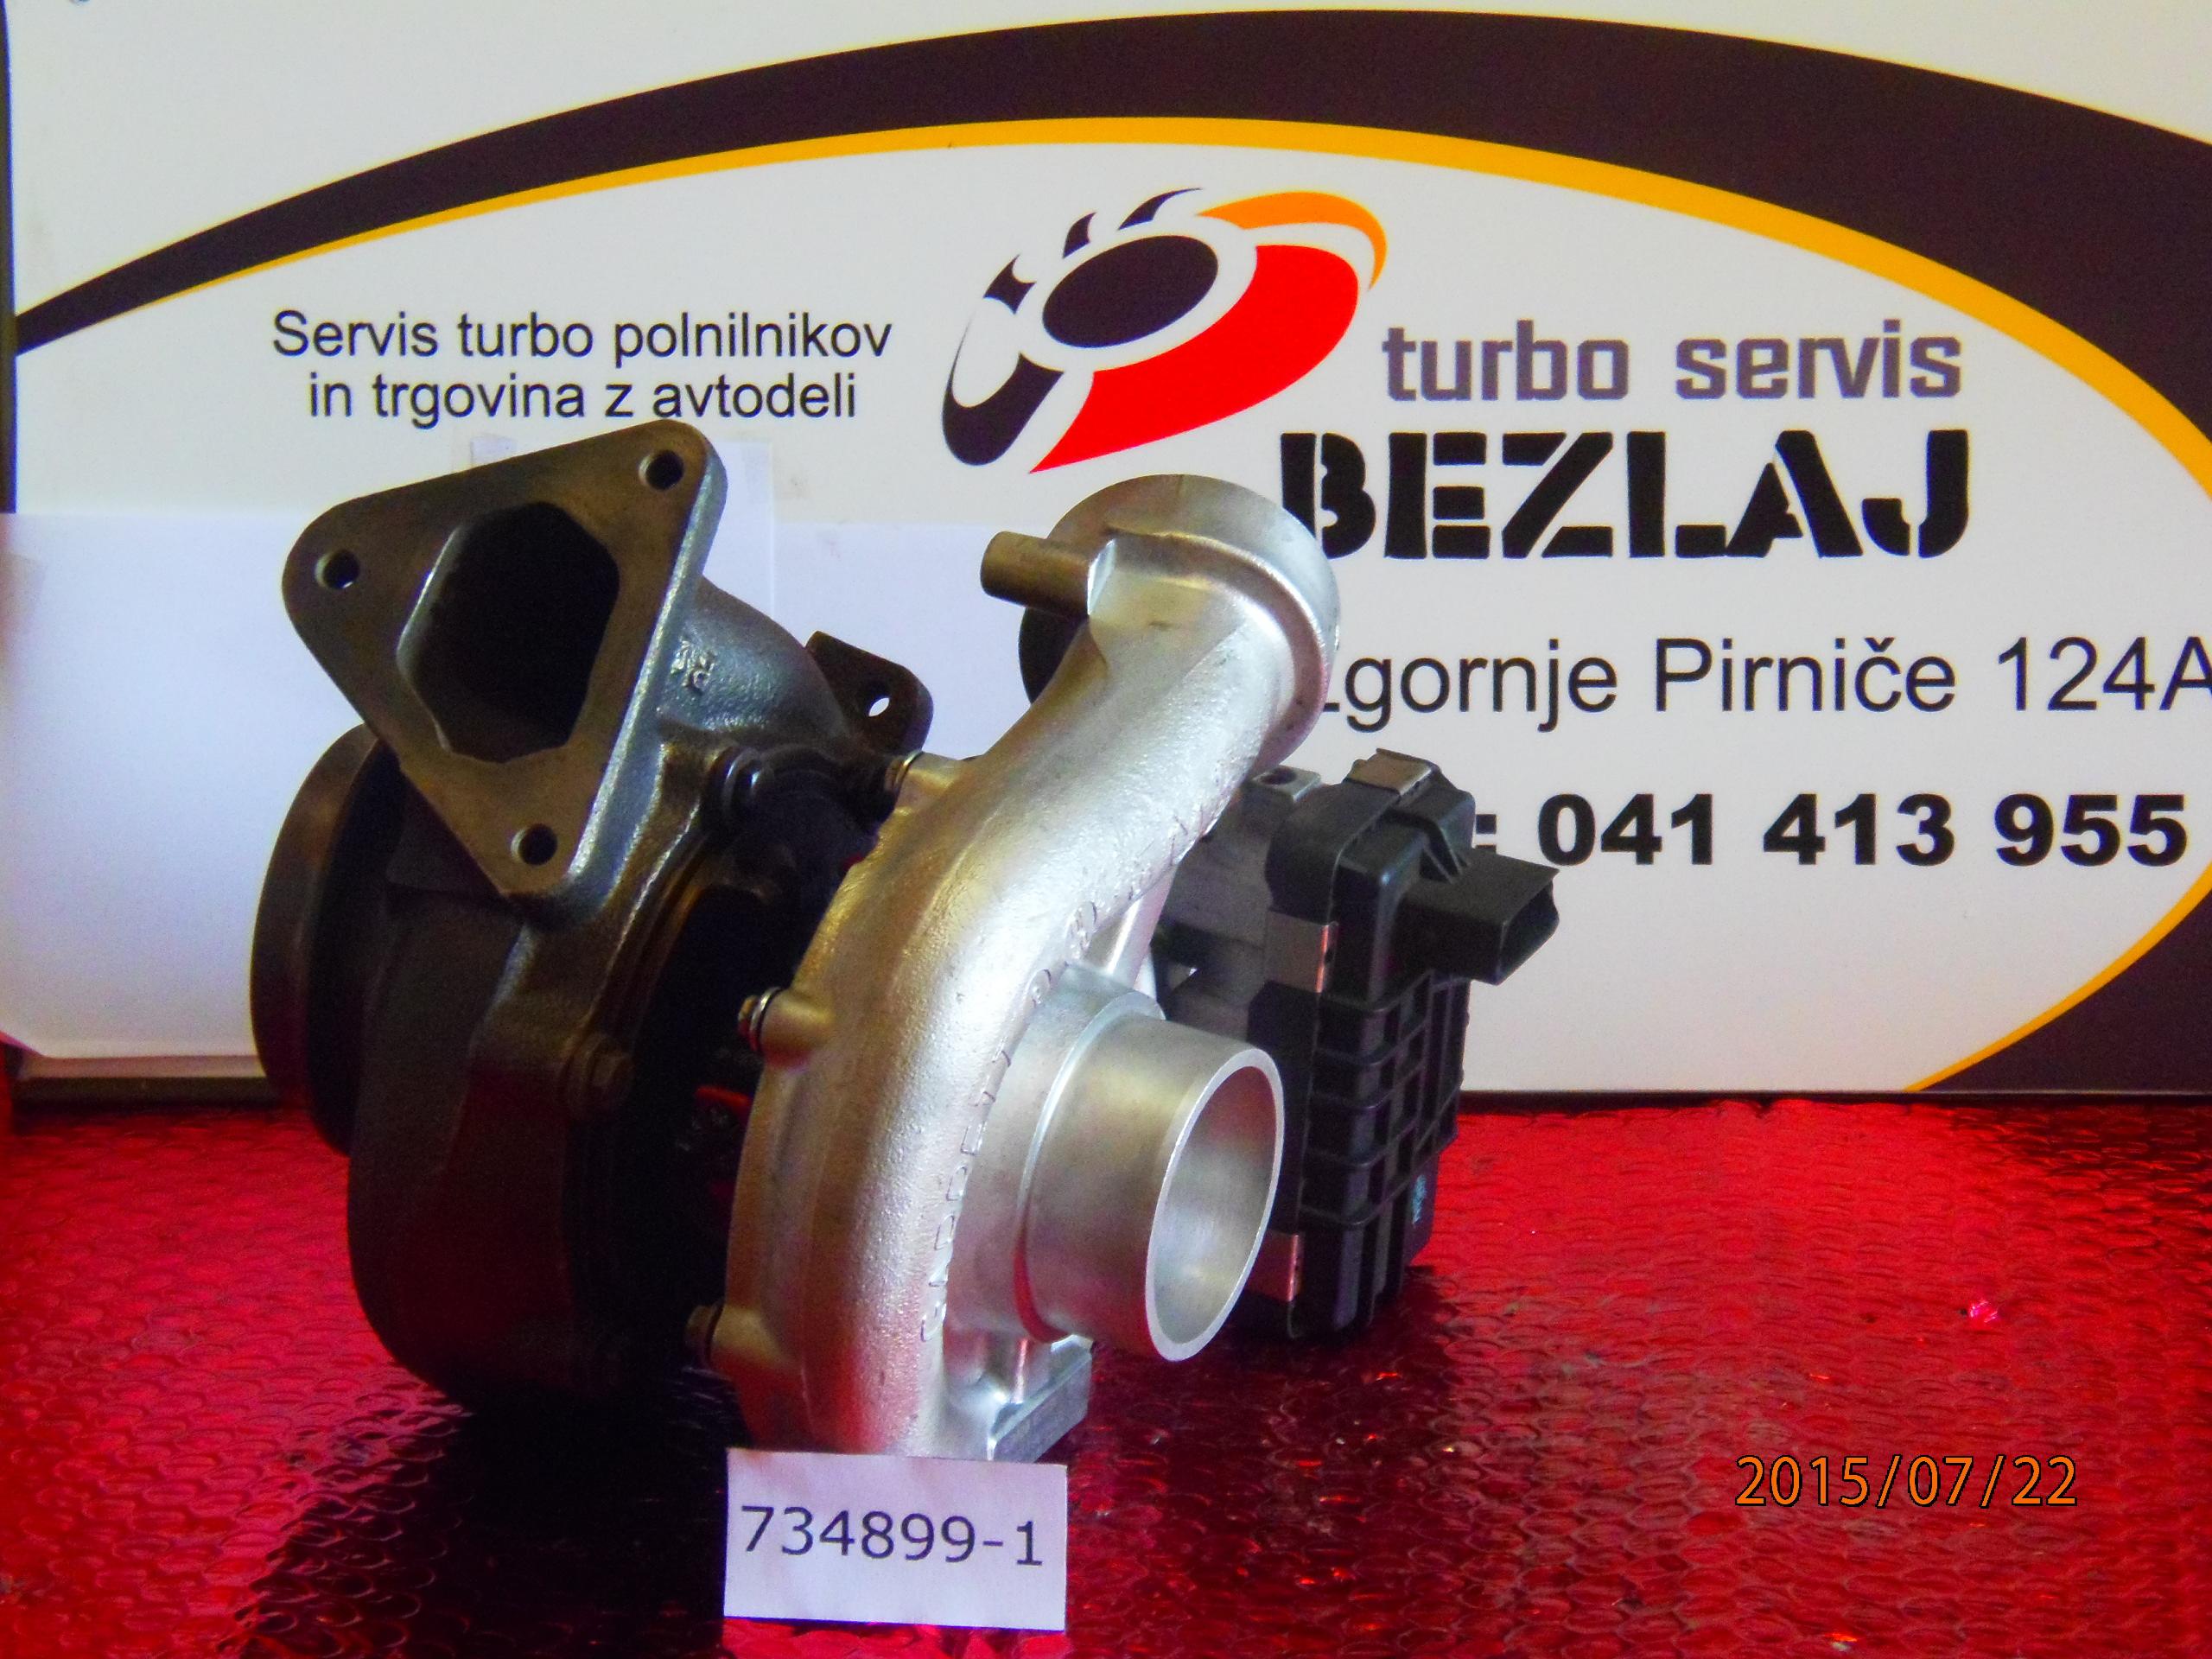 turbo734899-1 (2)